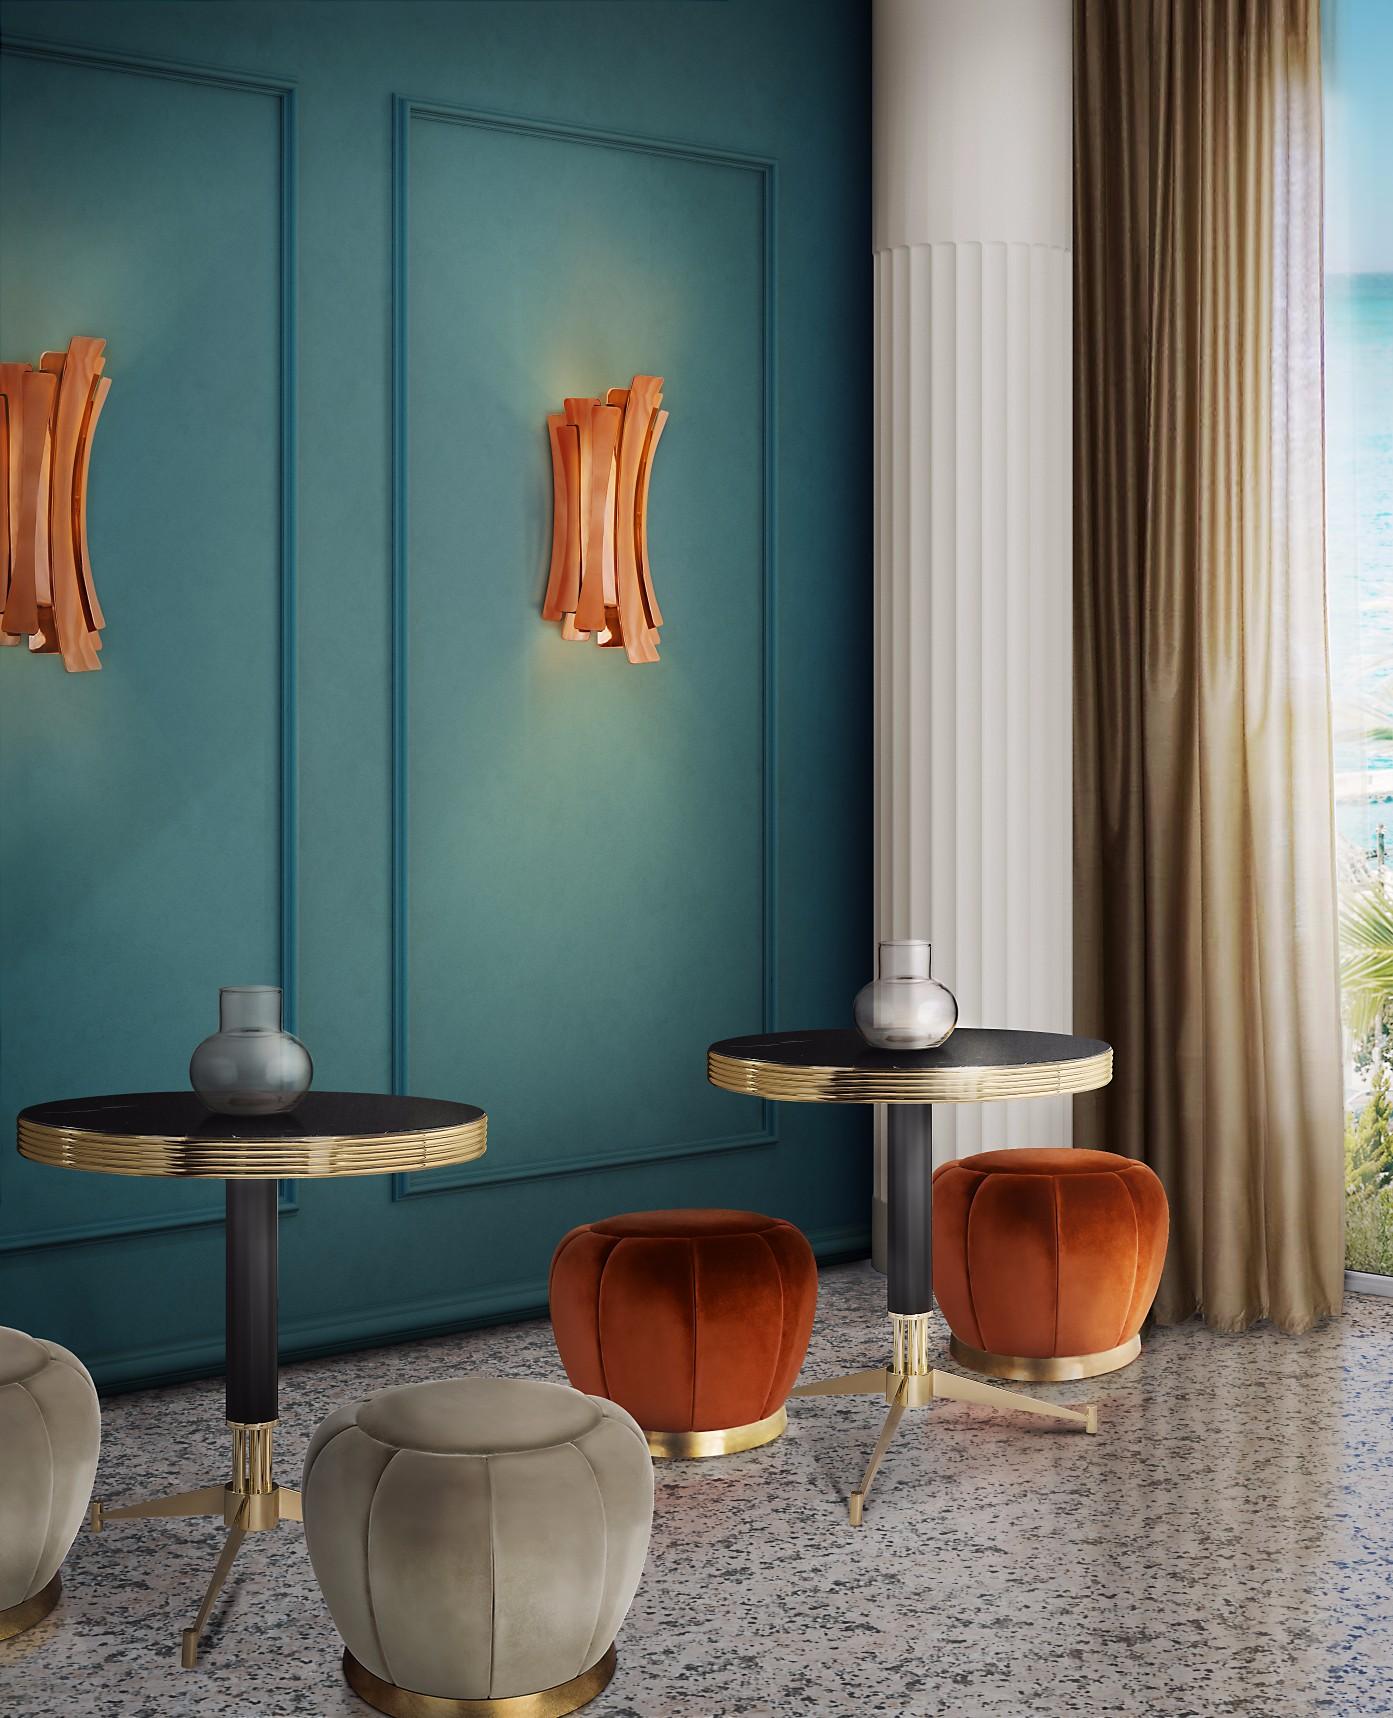 Декоративный свет в стиле MID-CENTURY это прекрасное дополнения к вашему интерьеру современный дизайн Декоративный свет в стиле MID-CENTURY это прекрасное дополнения к вашему интерьеру etta wall ambience 04 HR